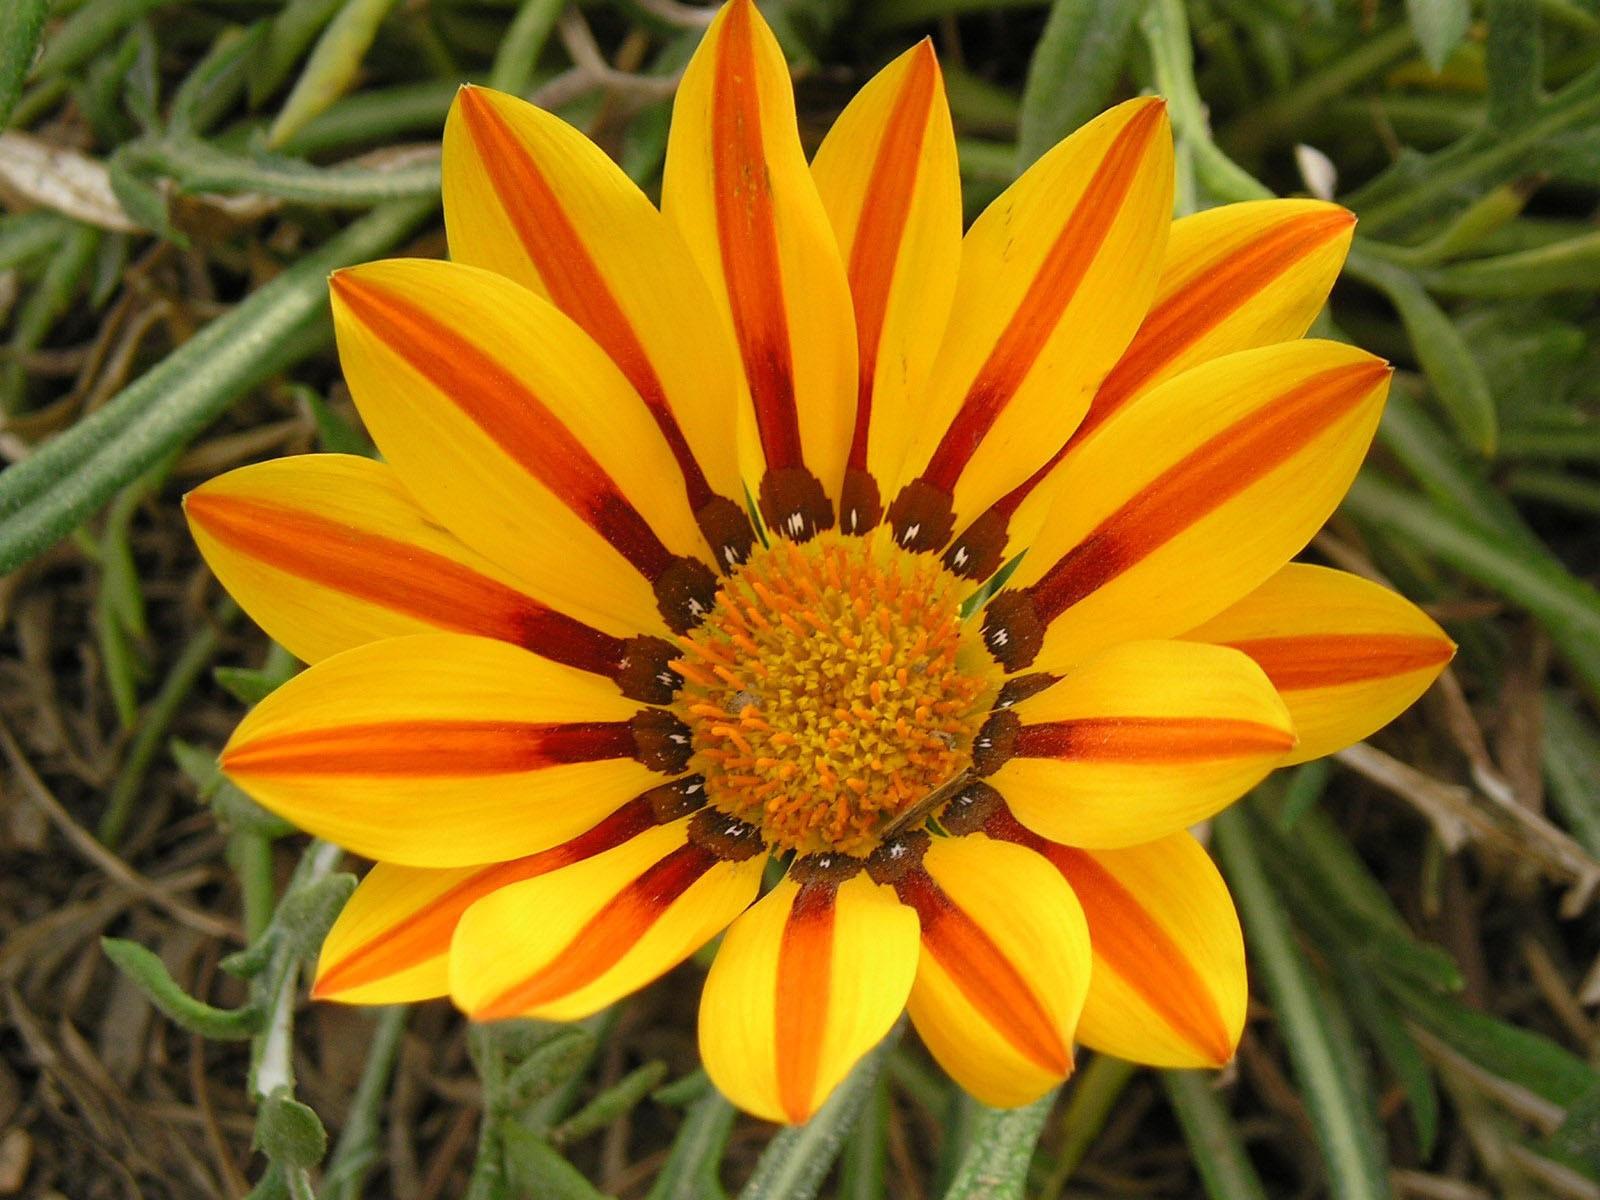 Цветок желтый с оранжевыми прожилками на лепестках